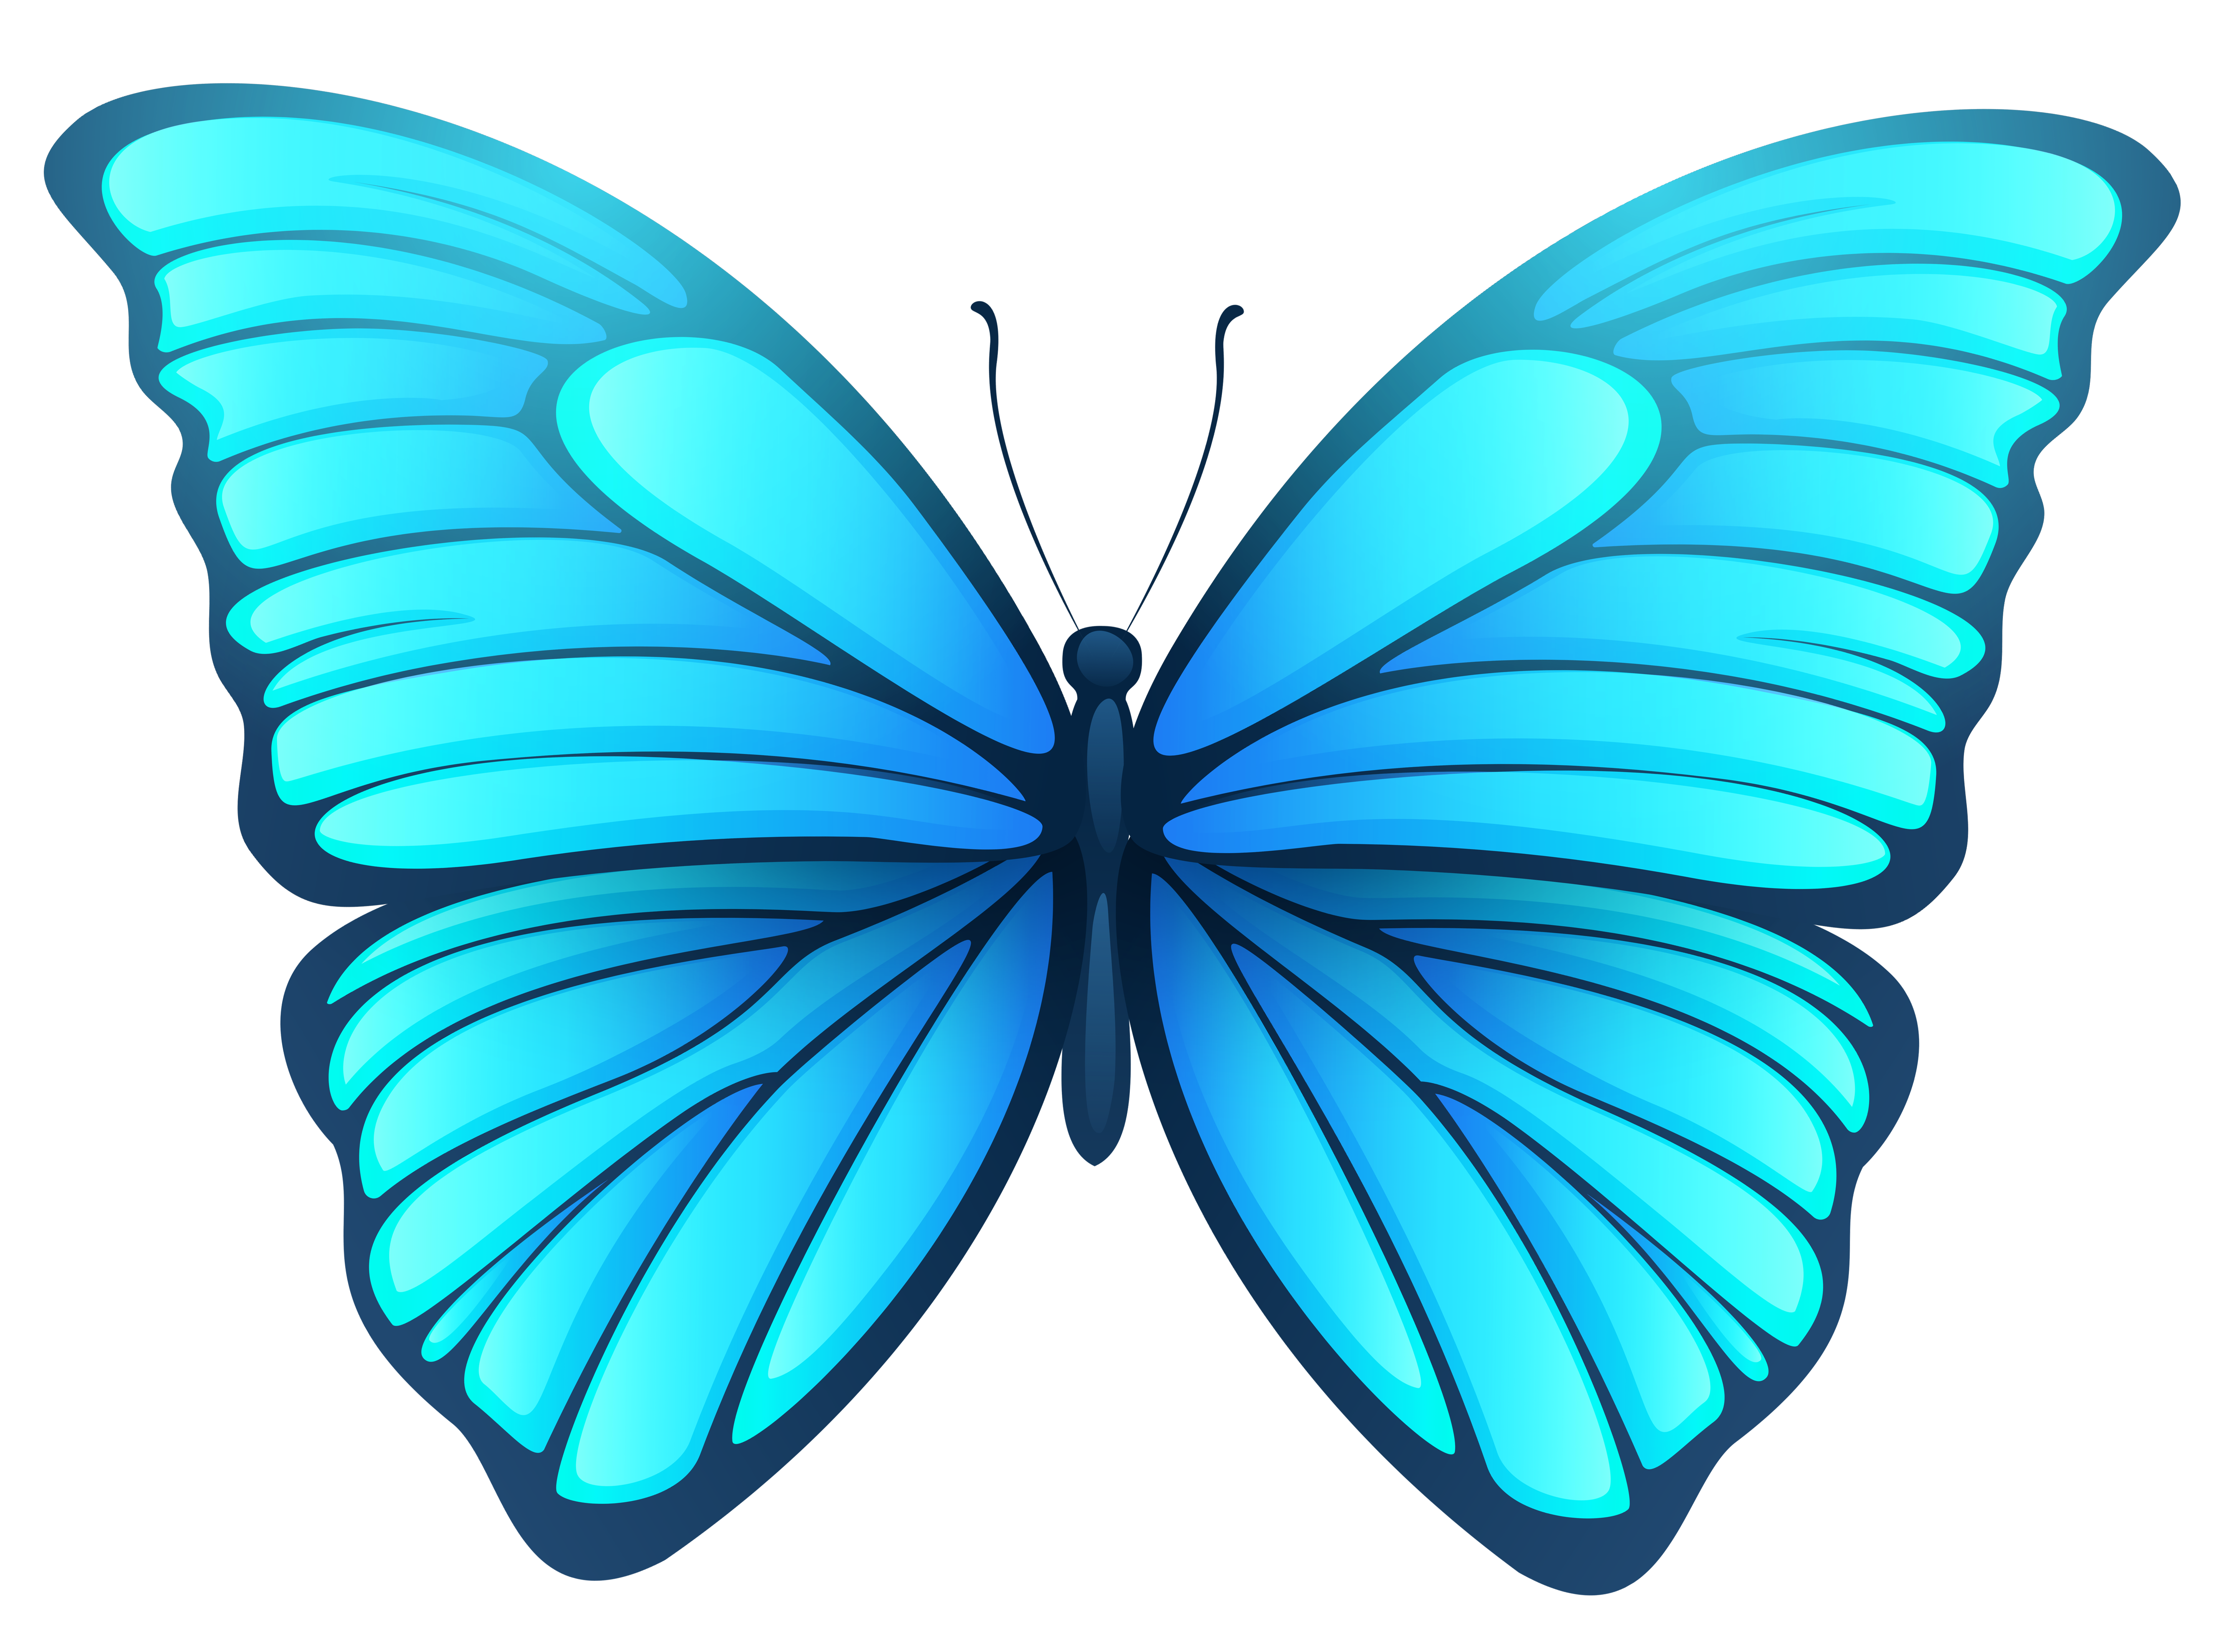 Днем, бабочки рисунок на прозрачном фоне